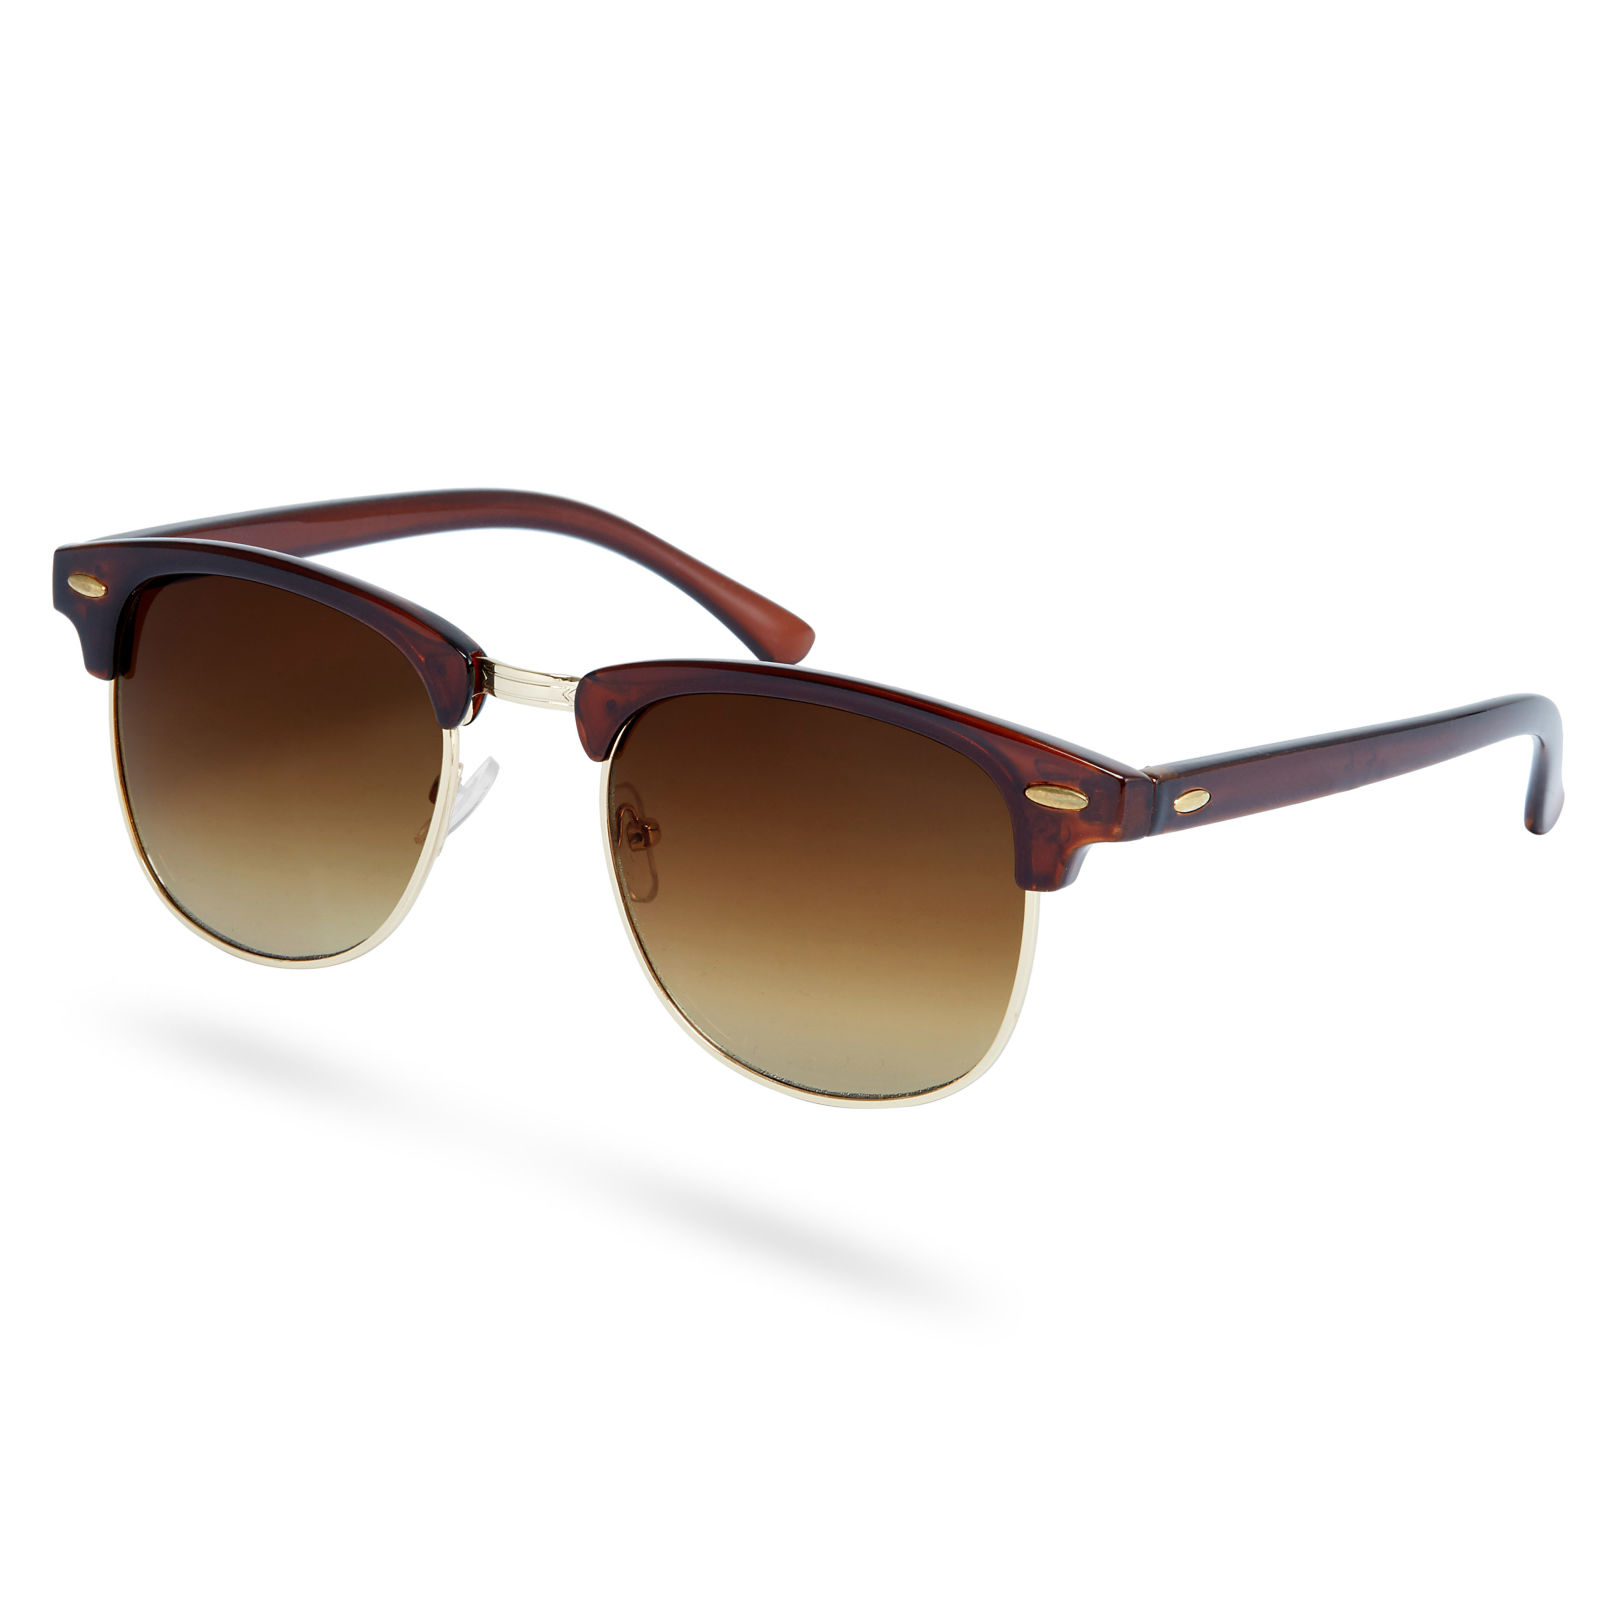 Browline Ebenholz Sonnenbrille Mit Getönten Polarisierten Sonnenbrillengläsern IG7iA